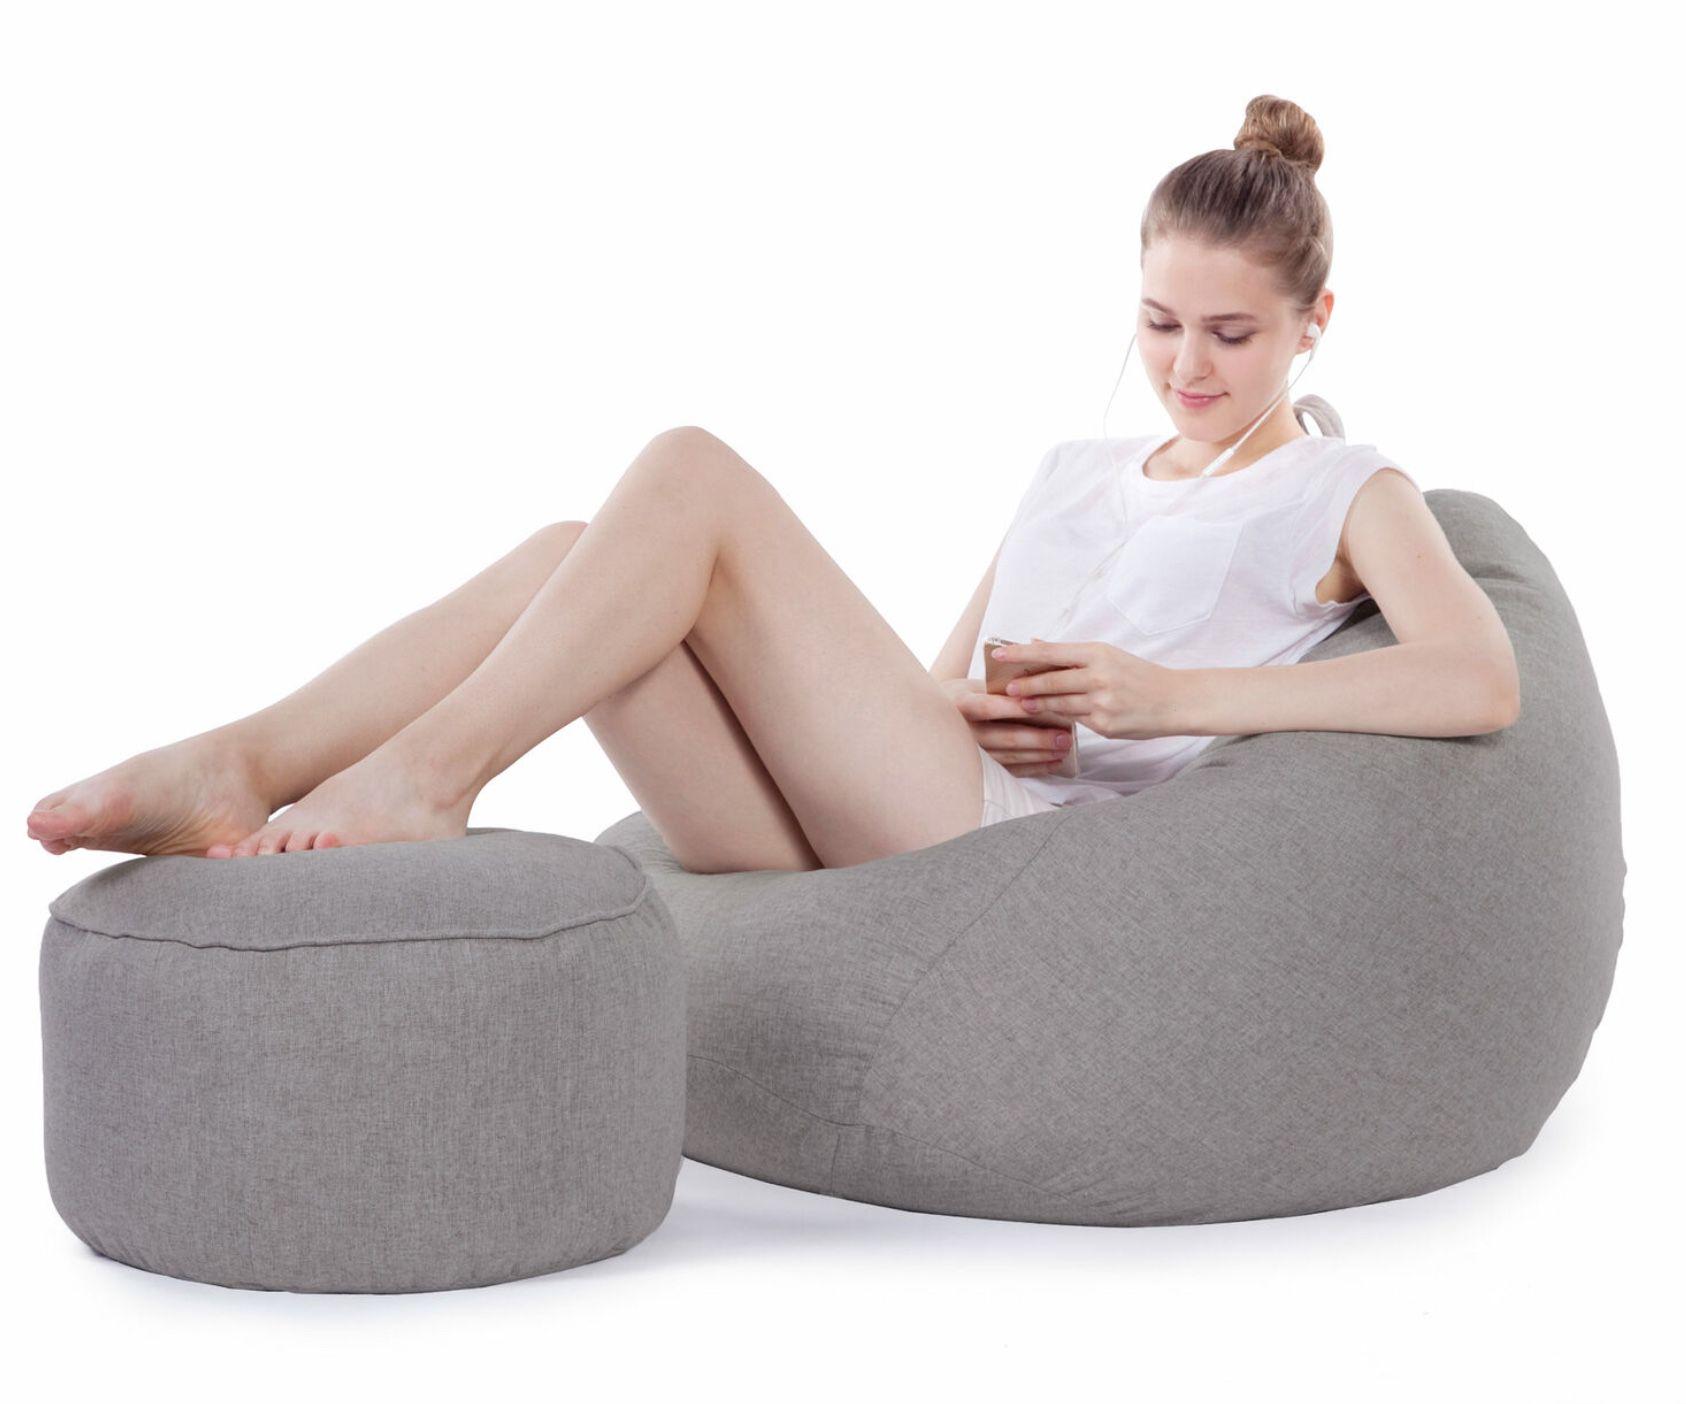 Lumaland Comfort Line Sitzsack 120l Volumen für 39,19€ (statt 54€)